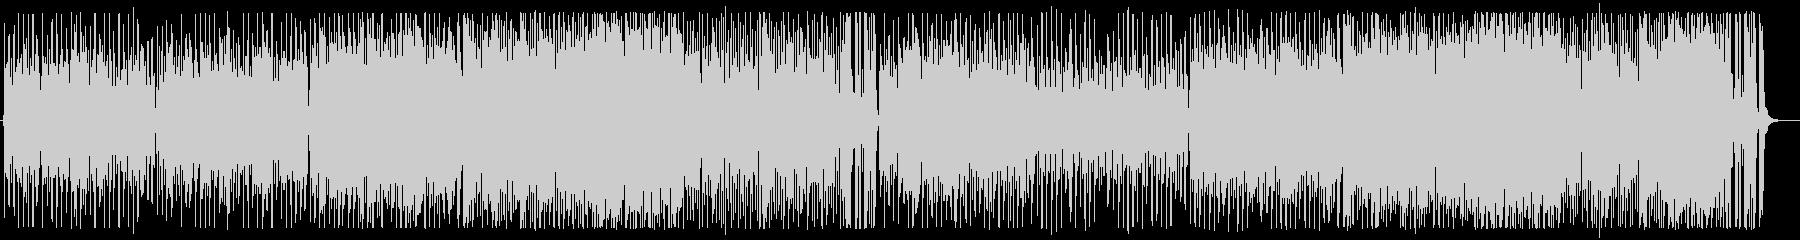 明るいジャズ風ポップスシンセサイザーの未再生の波形